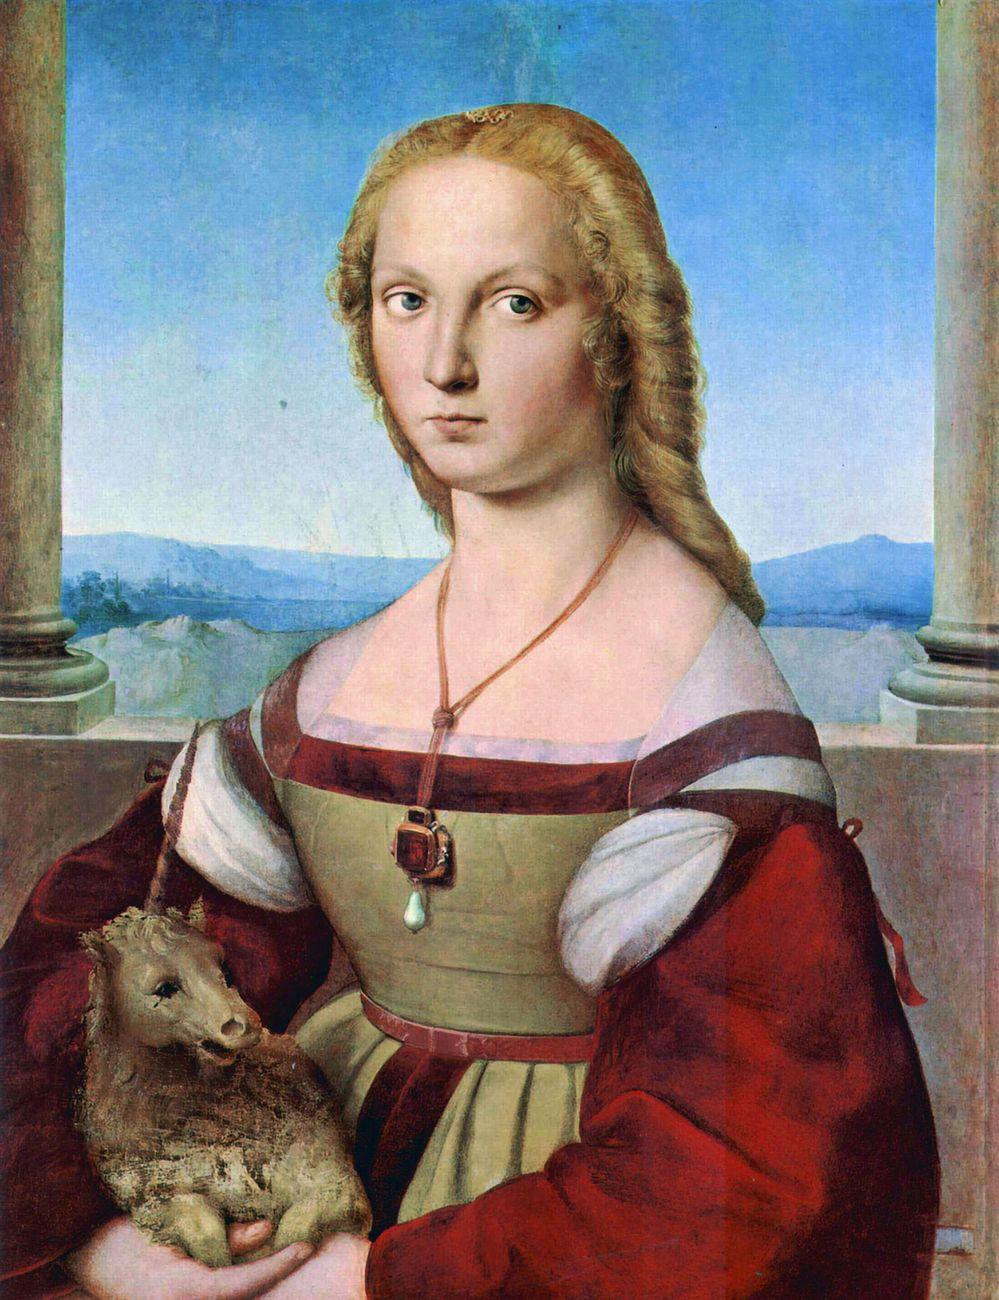 Raffaello Sanzio, Dama con liocorno, 1506 ca., olio su tavola, 65x51 cm. Galleria Borghese, Roma